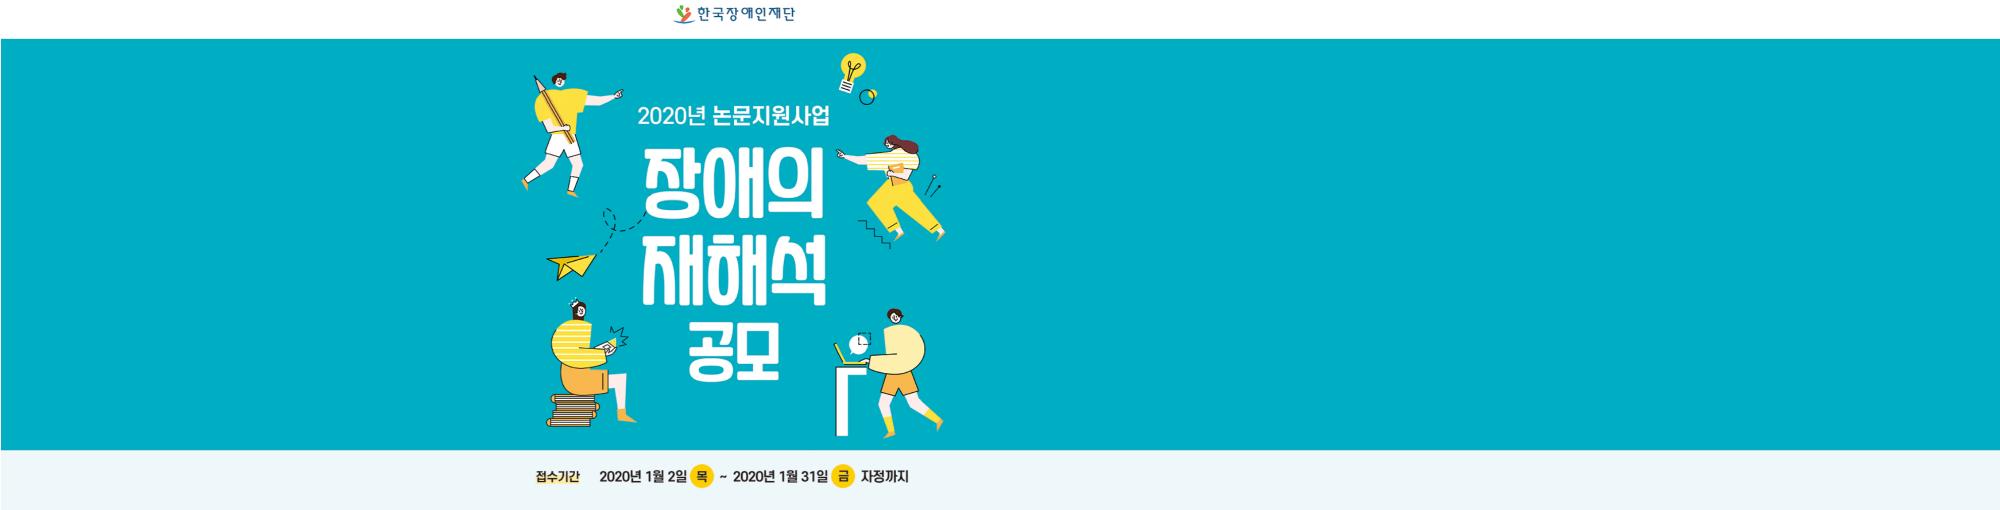 한국장애인재단 2020년 논문지원사업 장애의 재해석 공모 접수기간 2020년 1월 2일 목~ 2020년 1월 31일 금 자정까지